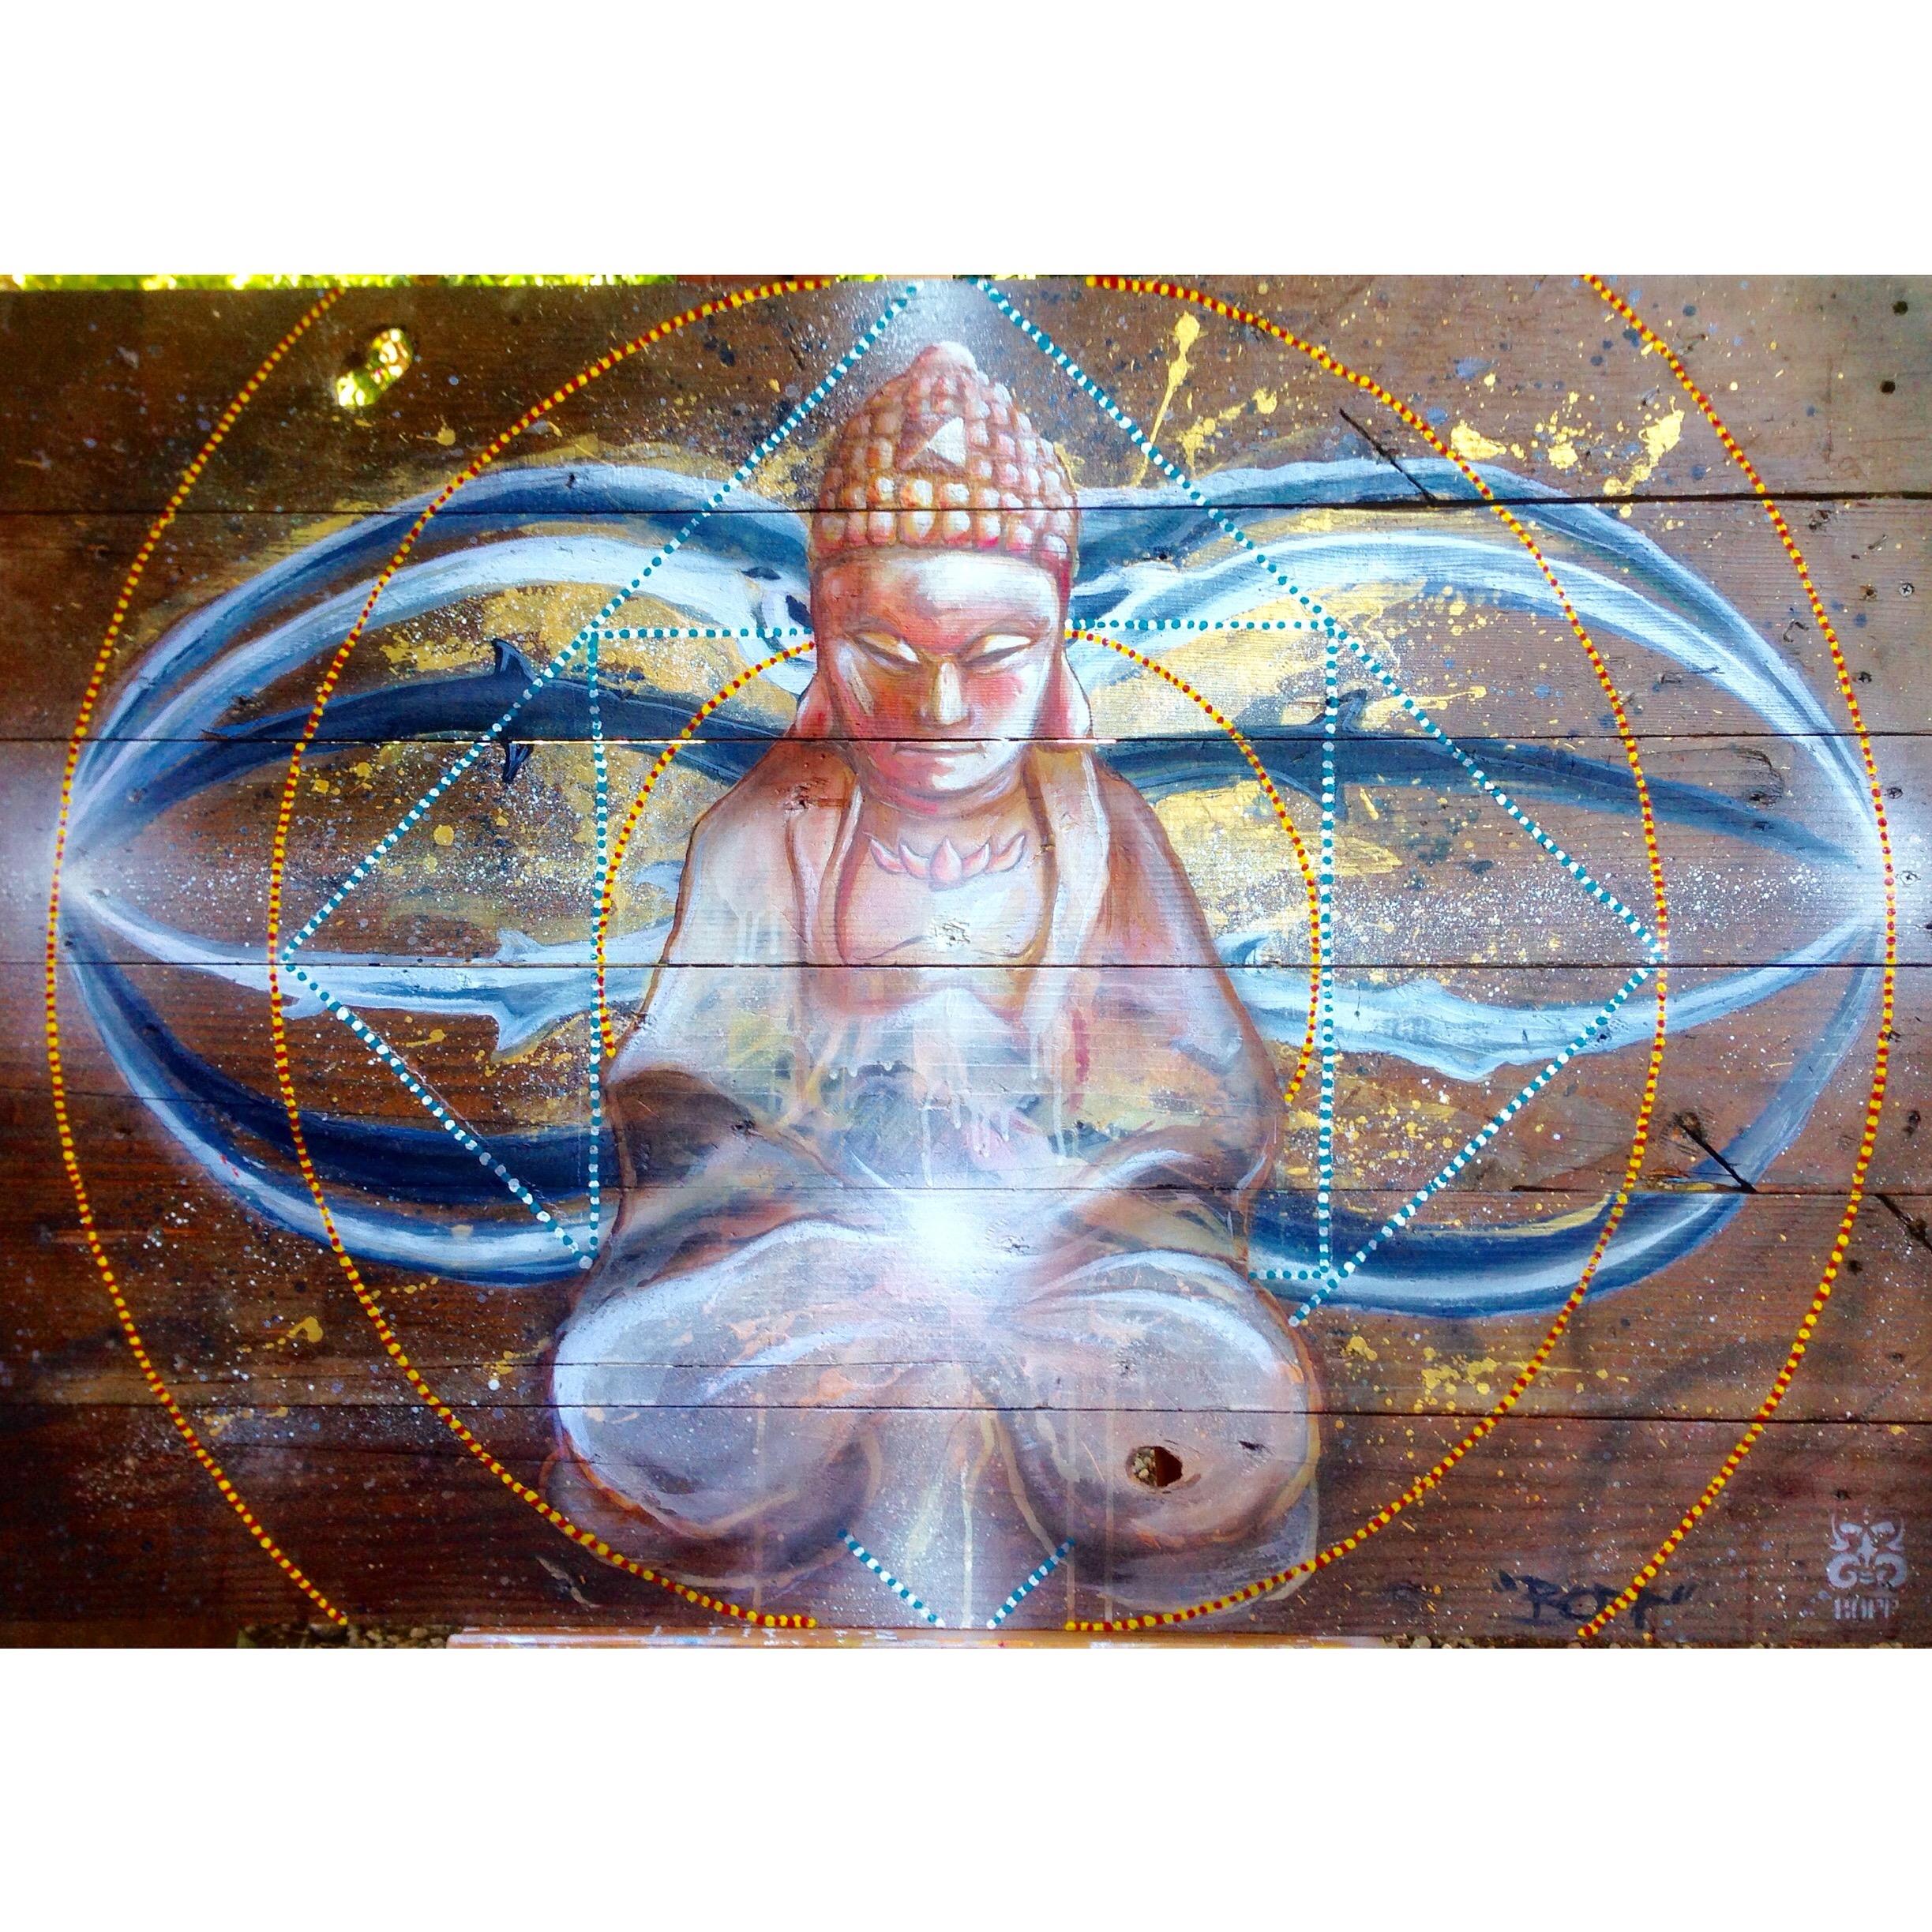 'Buddha' Acrylicand aerosol on wood 32''x48''